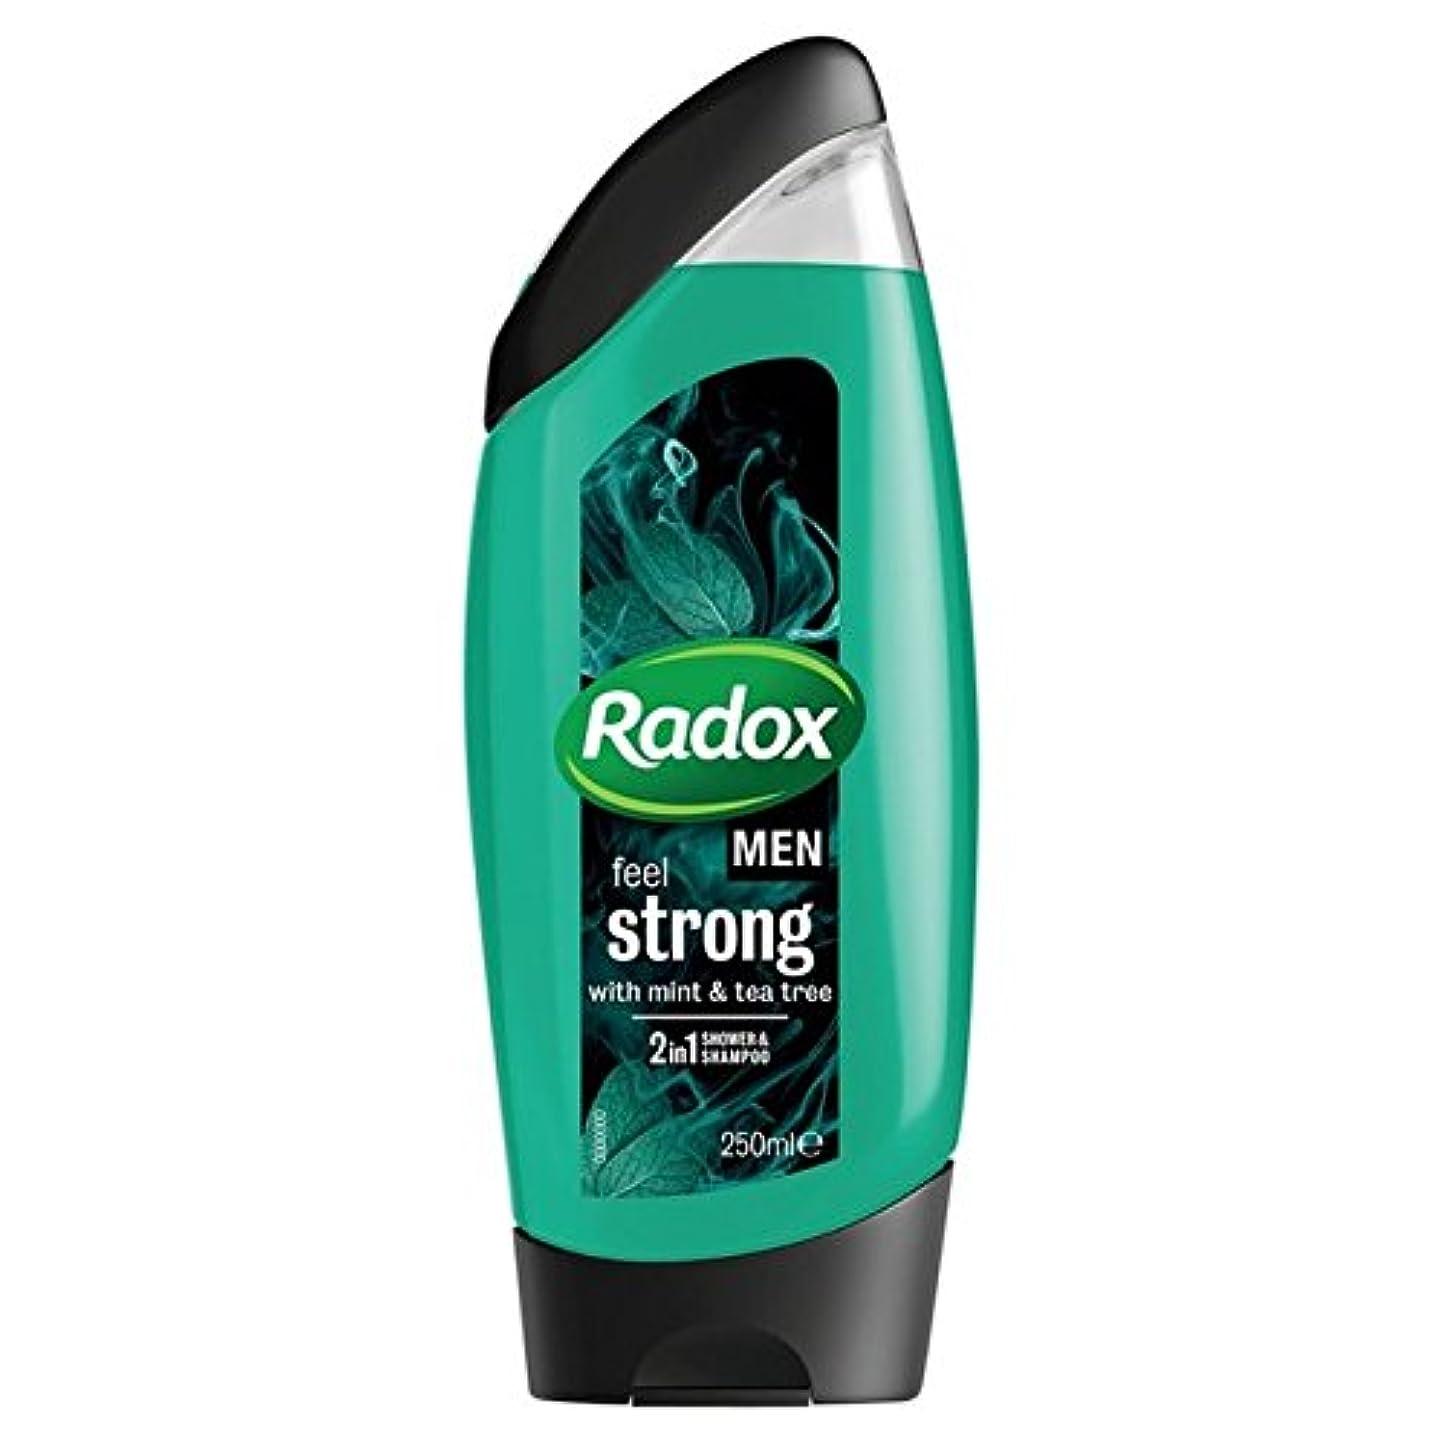 ポルティコ新しい意味演劇Radox Men Feel Strong Mint & Tea Tree 2in1 Shower Gel 250ml - 男性は、強力なミント&ティーツリーの21のシャワージェル250ミリリットルを感じます [並行輸入品]